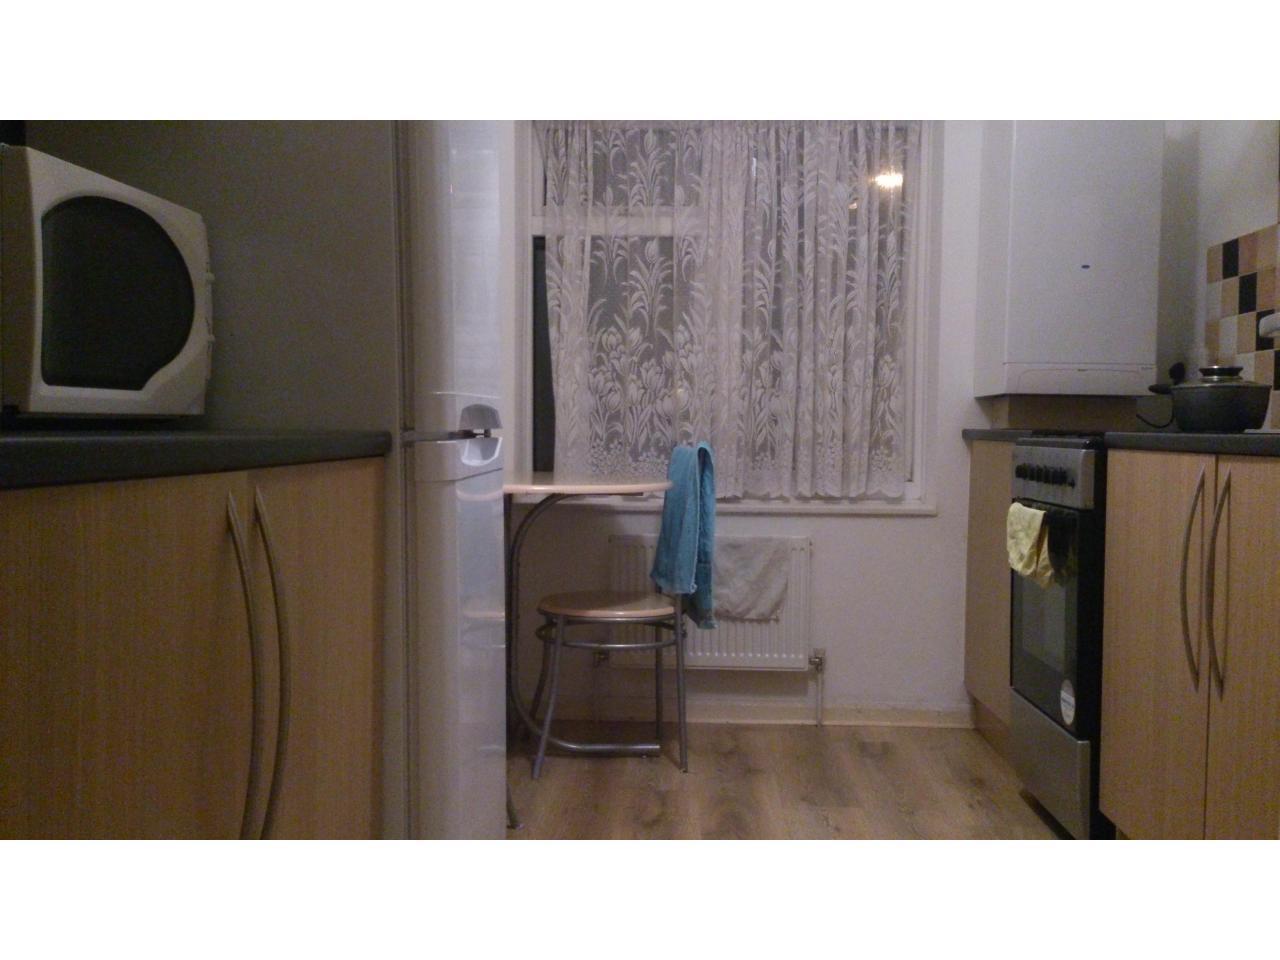 большую комнату за 100 ф. для одного - 2